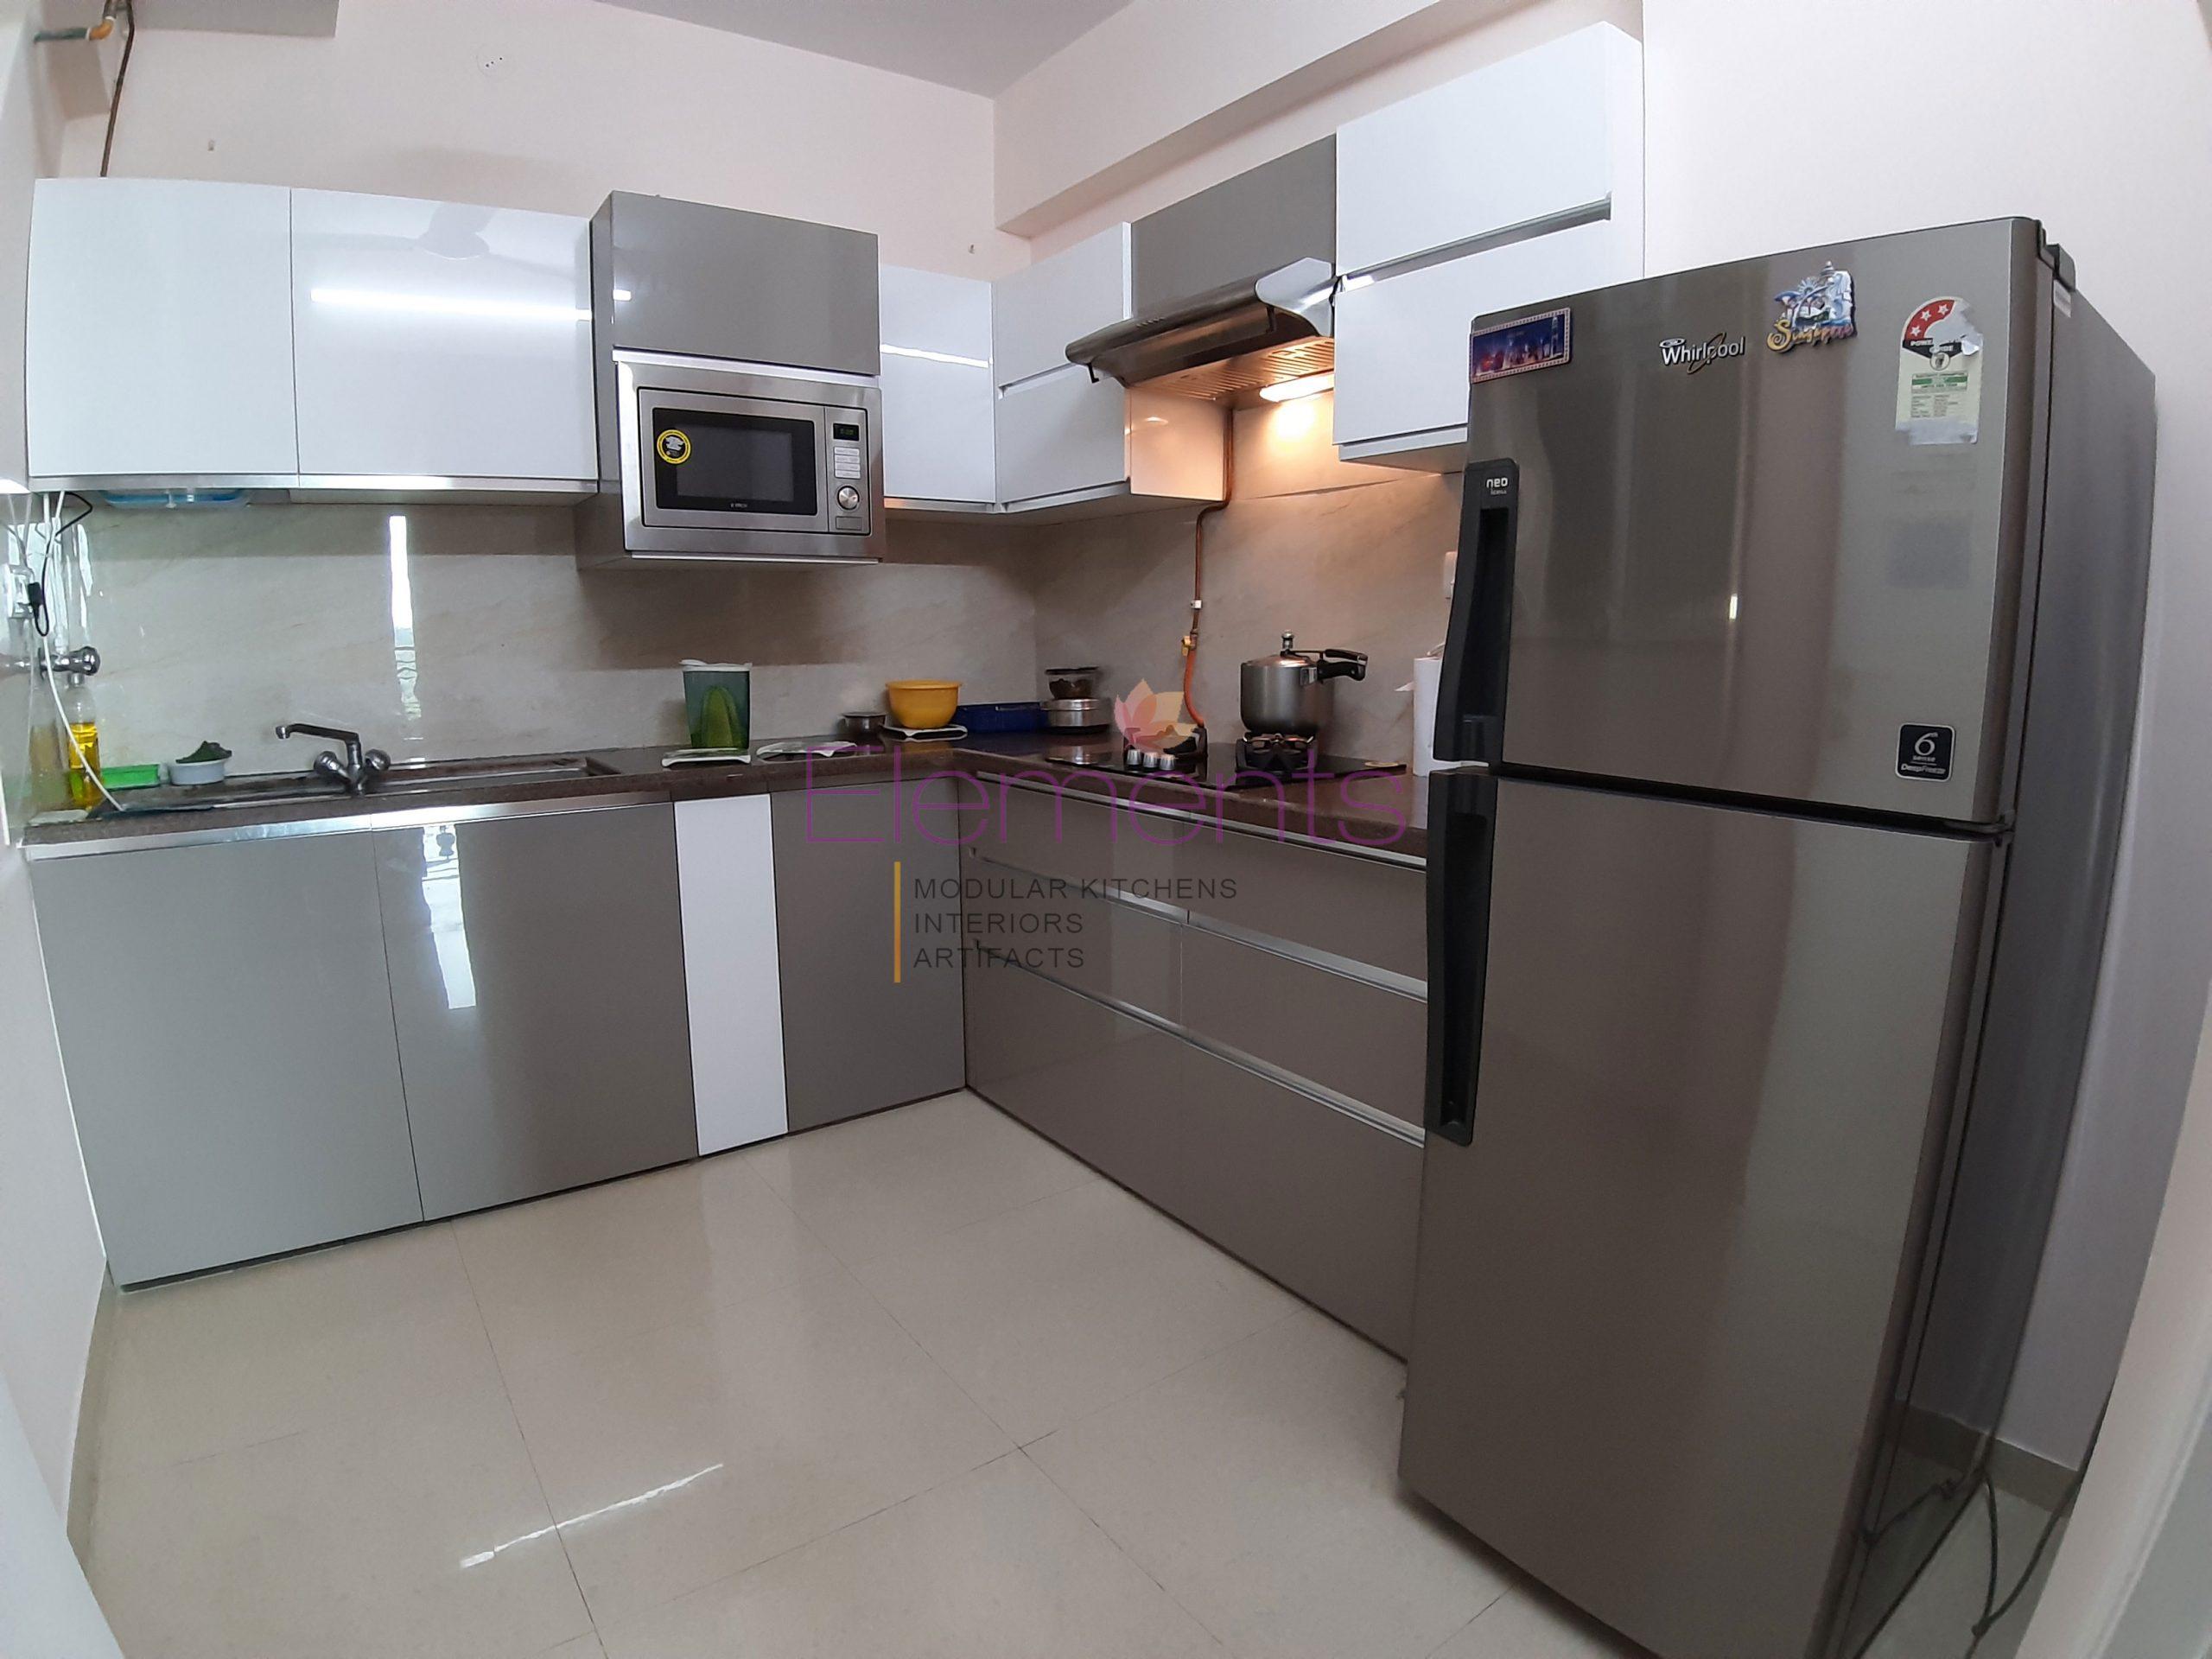 Best Luxurious Modular Kitchen Designs by Elements in Mumbai